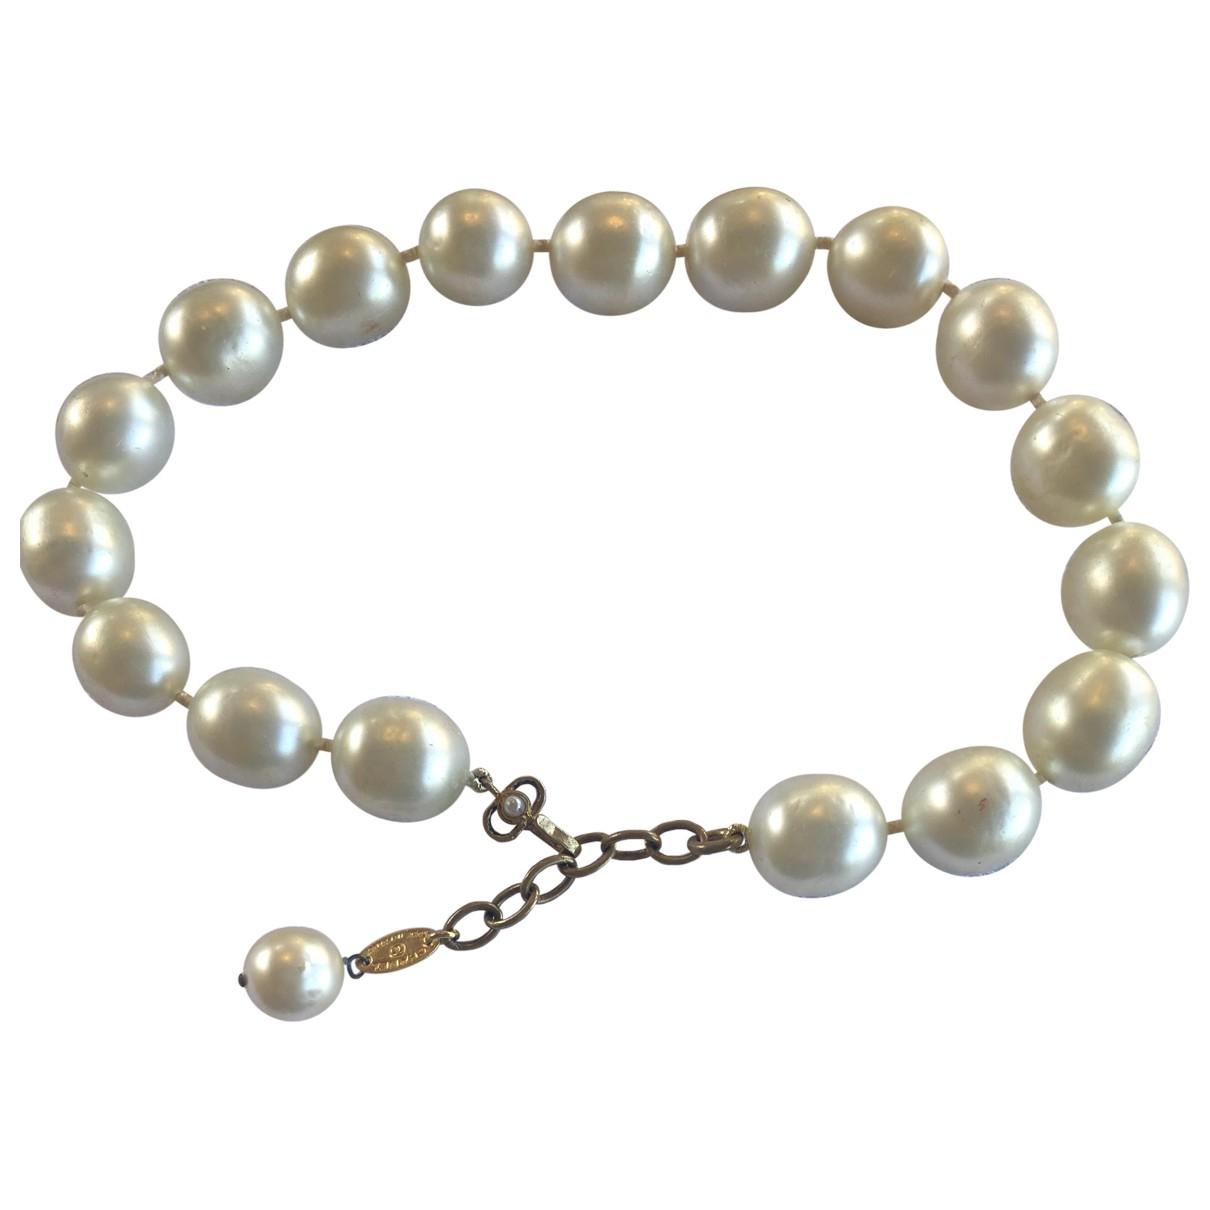 Chanel CHANEL Kette in  Weiss Perlen